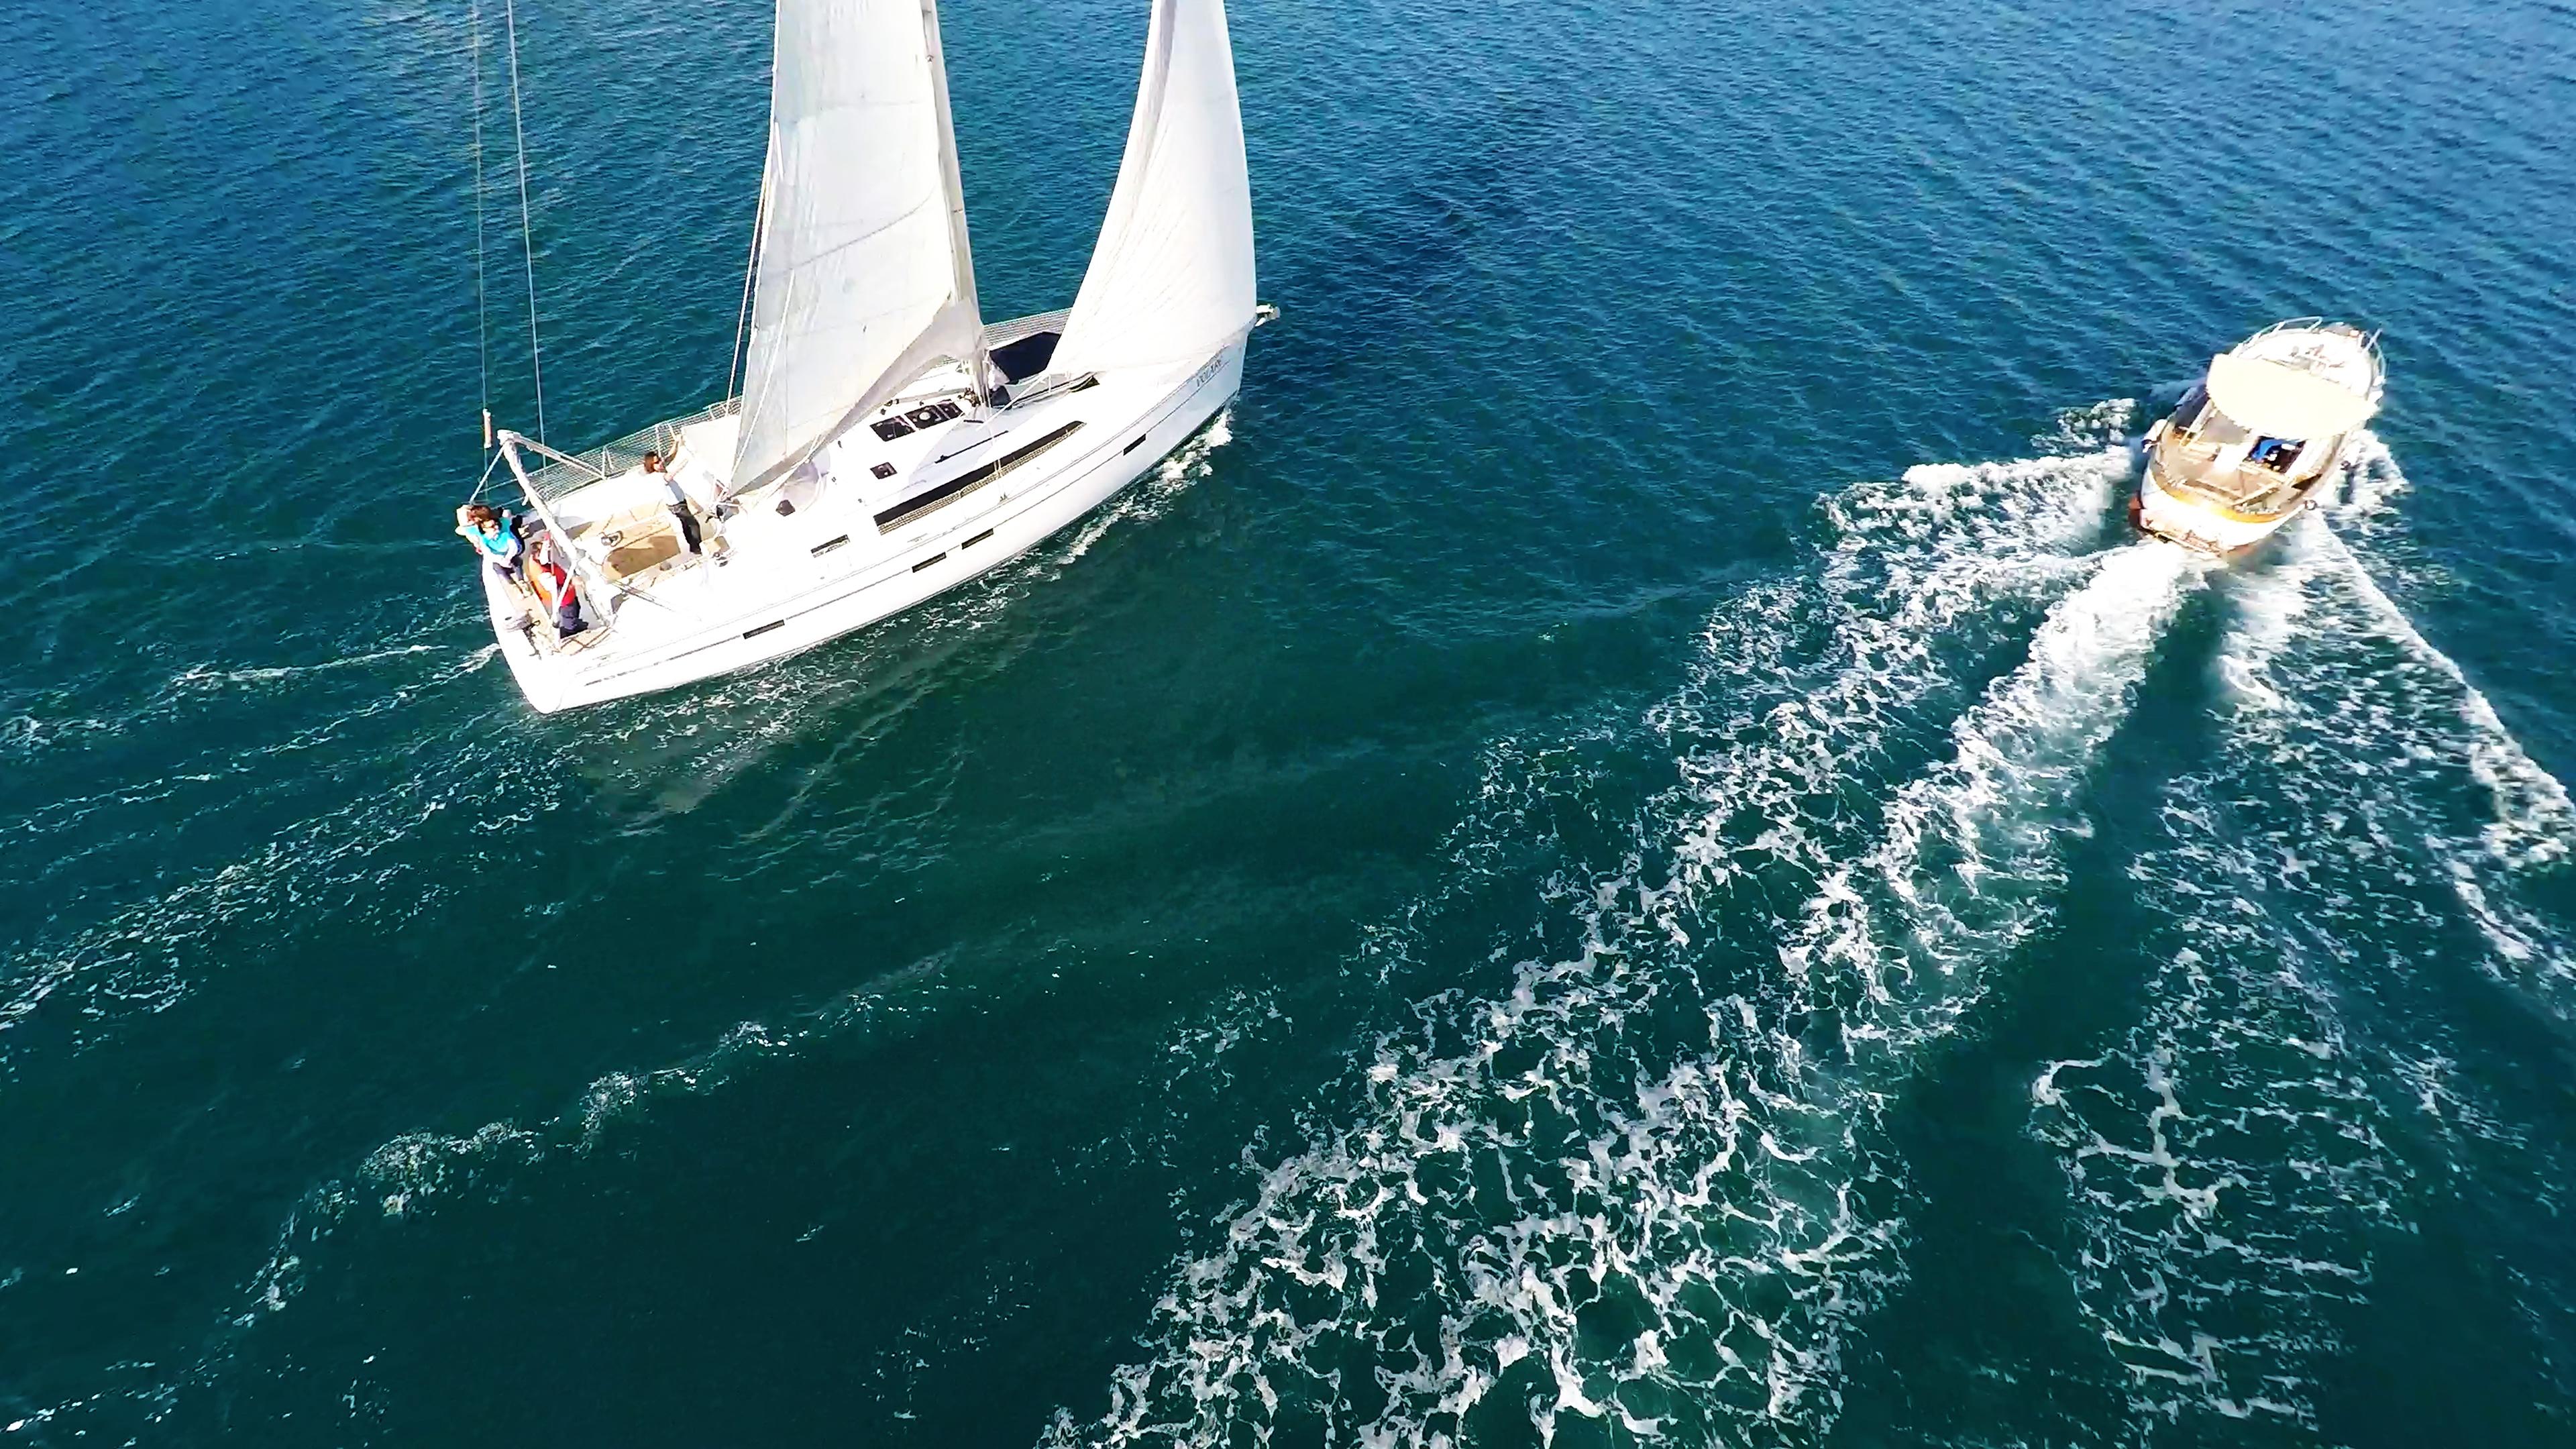 sailing yacht yachts boats sails motor sea sailing sea